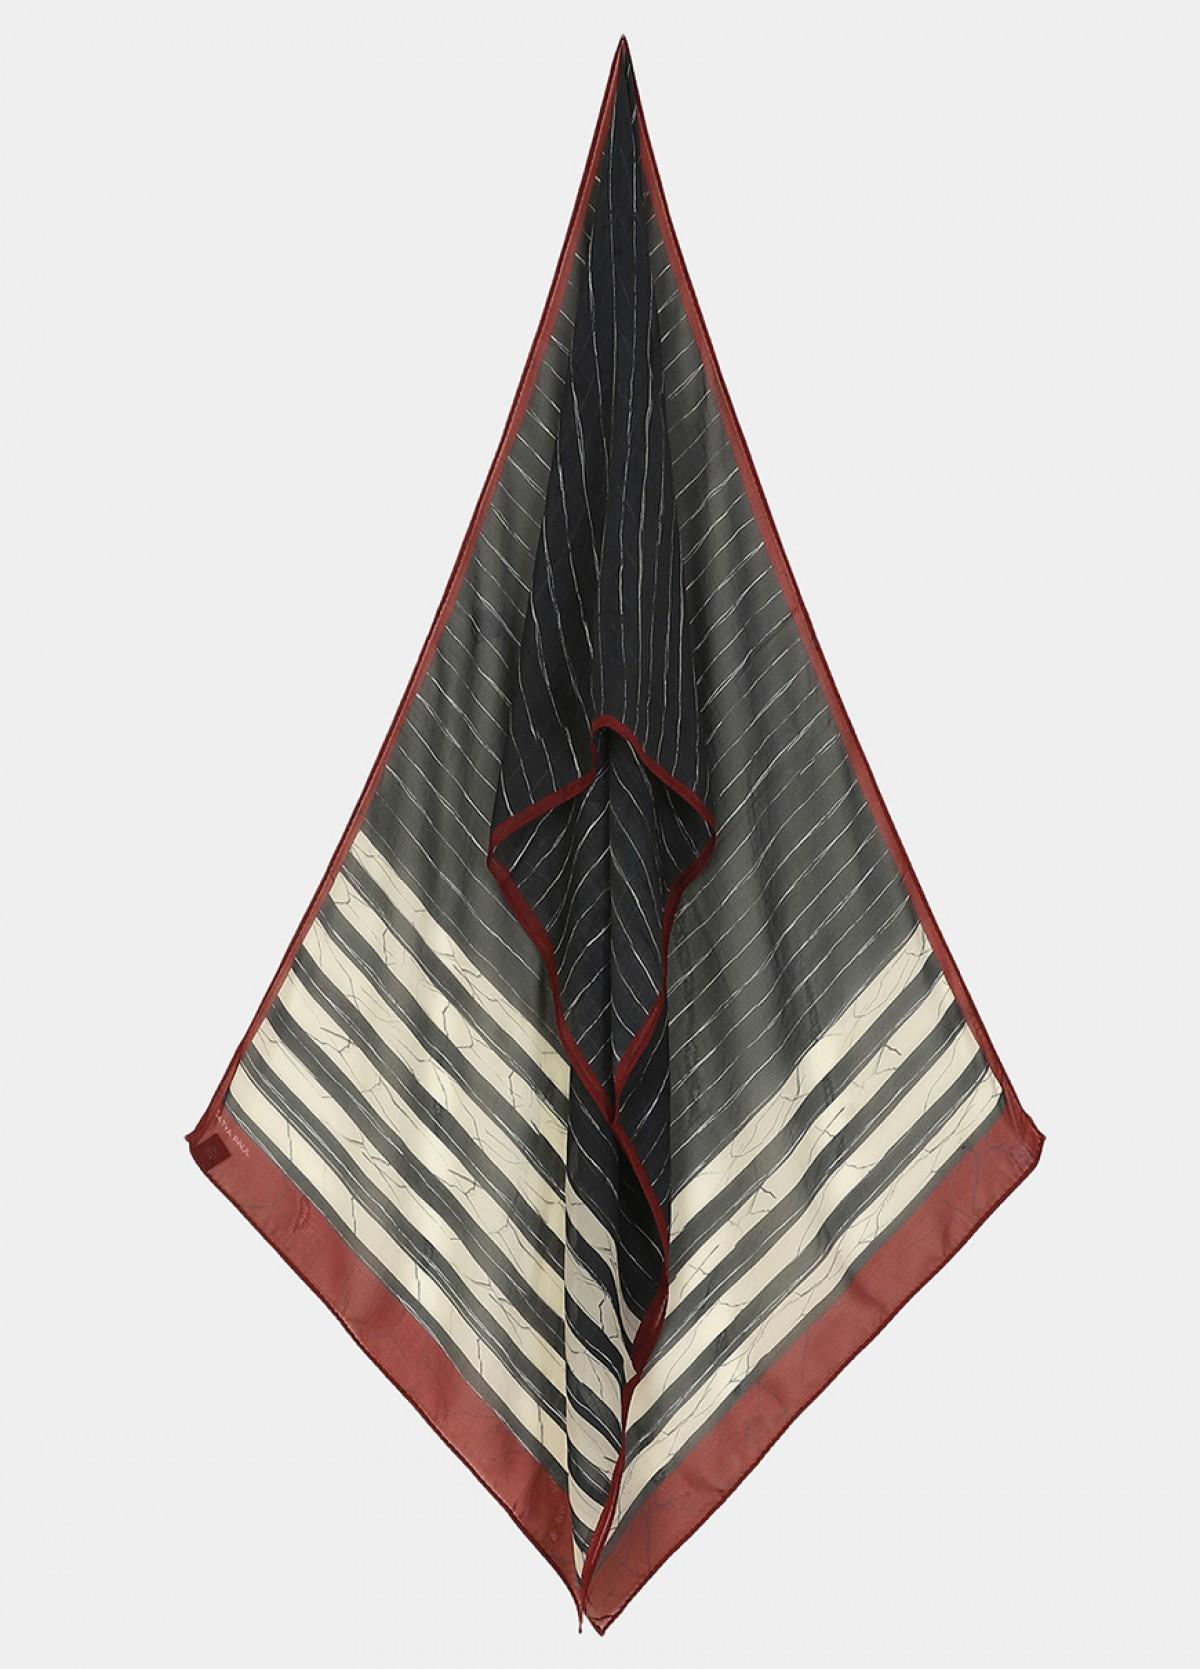 The Sanganer Symphony Silk Flat Chiffon Stole